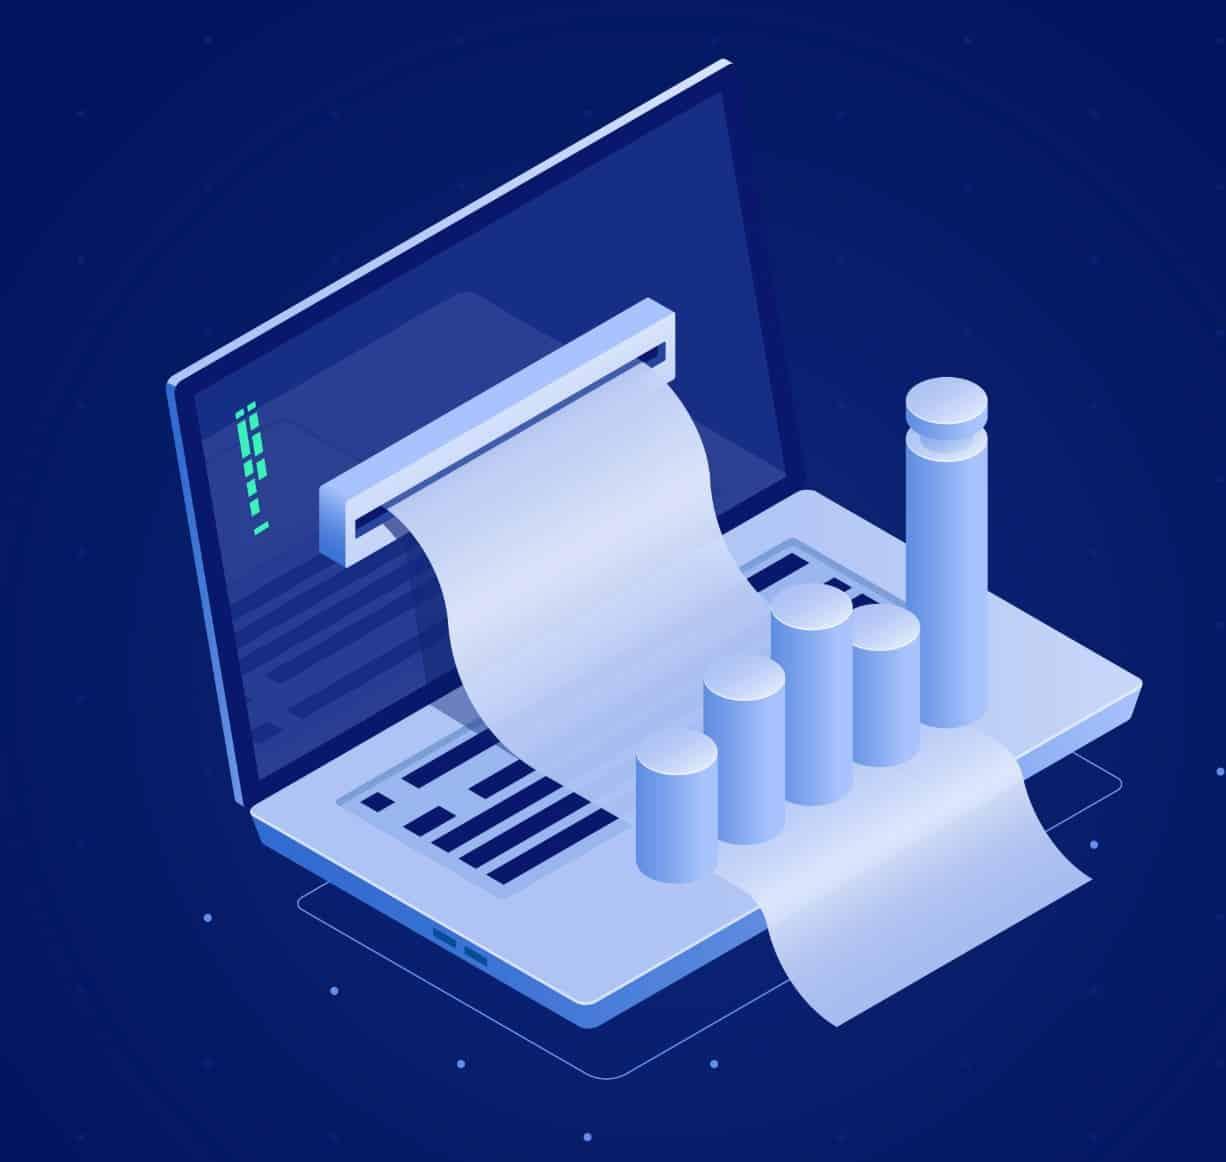 απολογιστικό κόστος - Business Elements